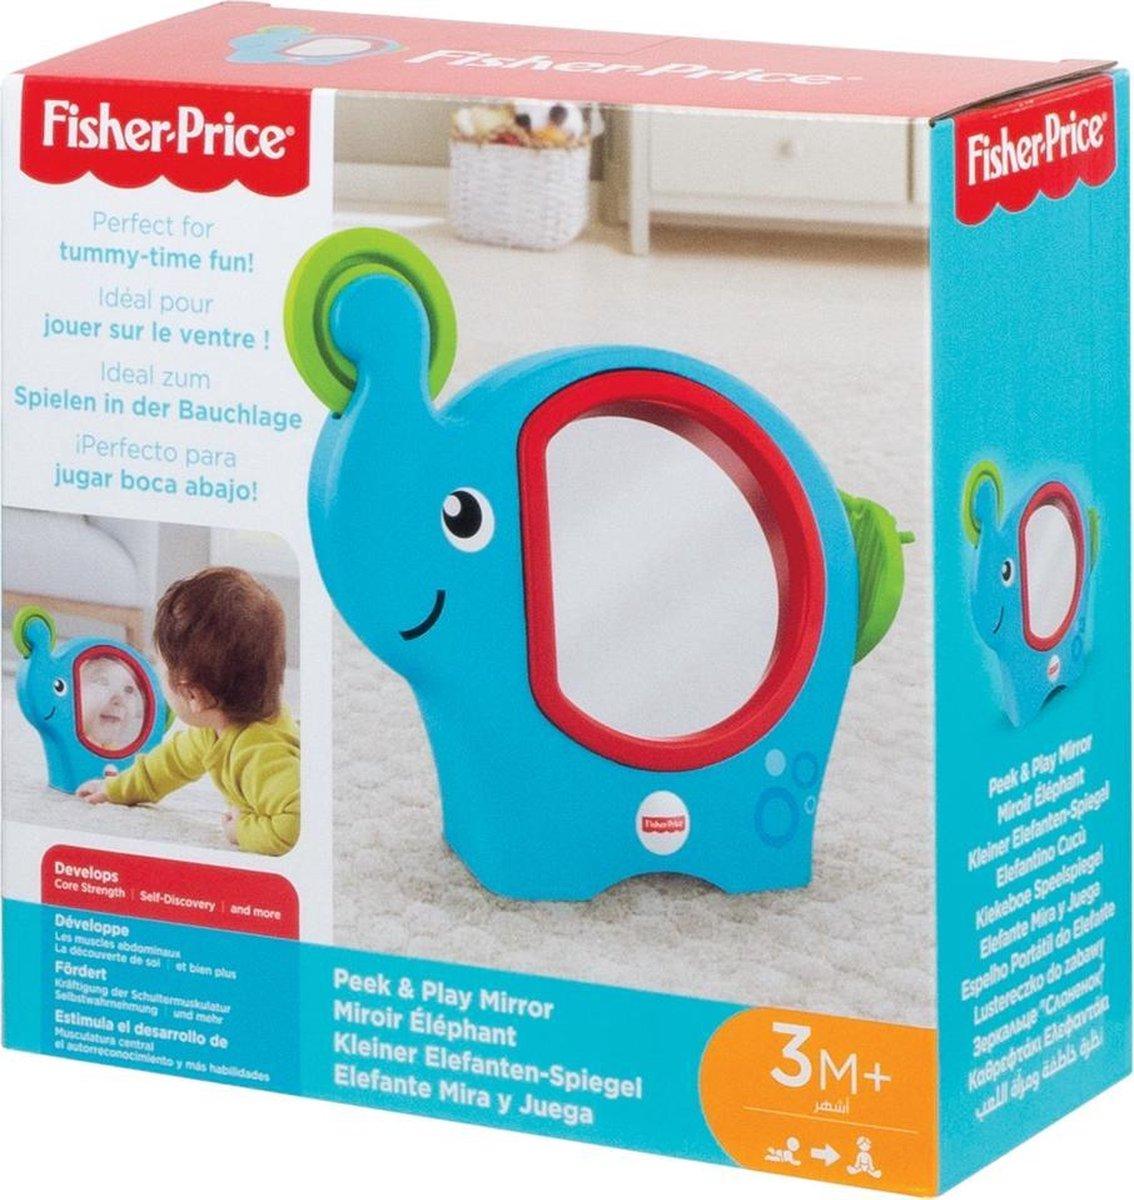 Fisher-Price Baby Spiegel olifant - Speelgoed voor motoriek